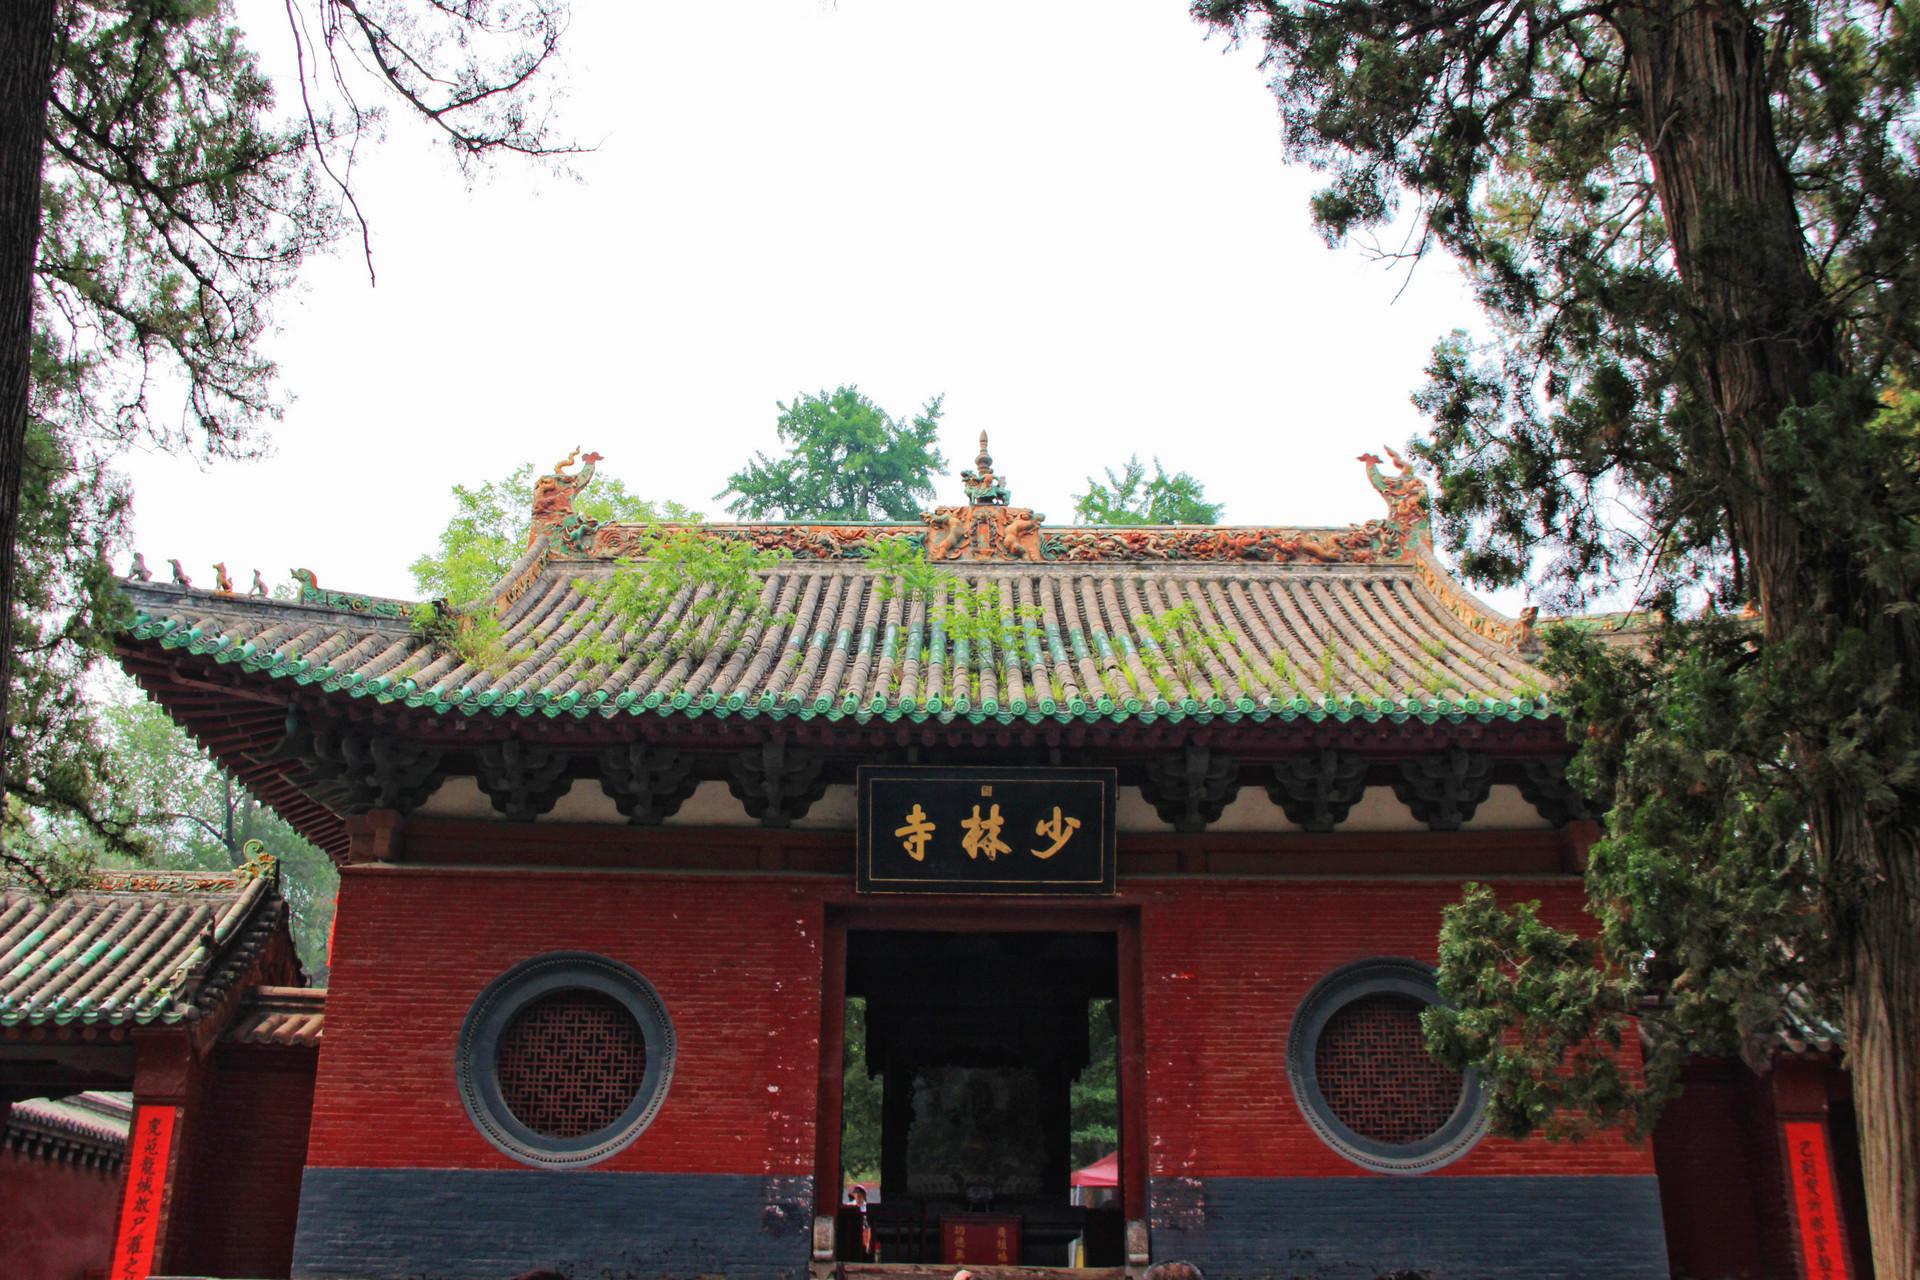 河南除了少林寺,这两座寺庙也是千年古寺,曾比少林寺更辉煌